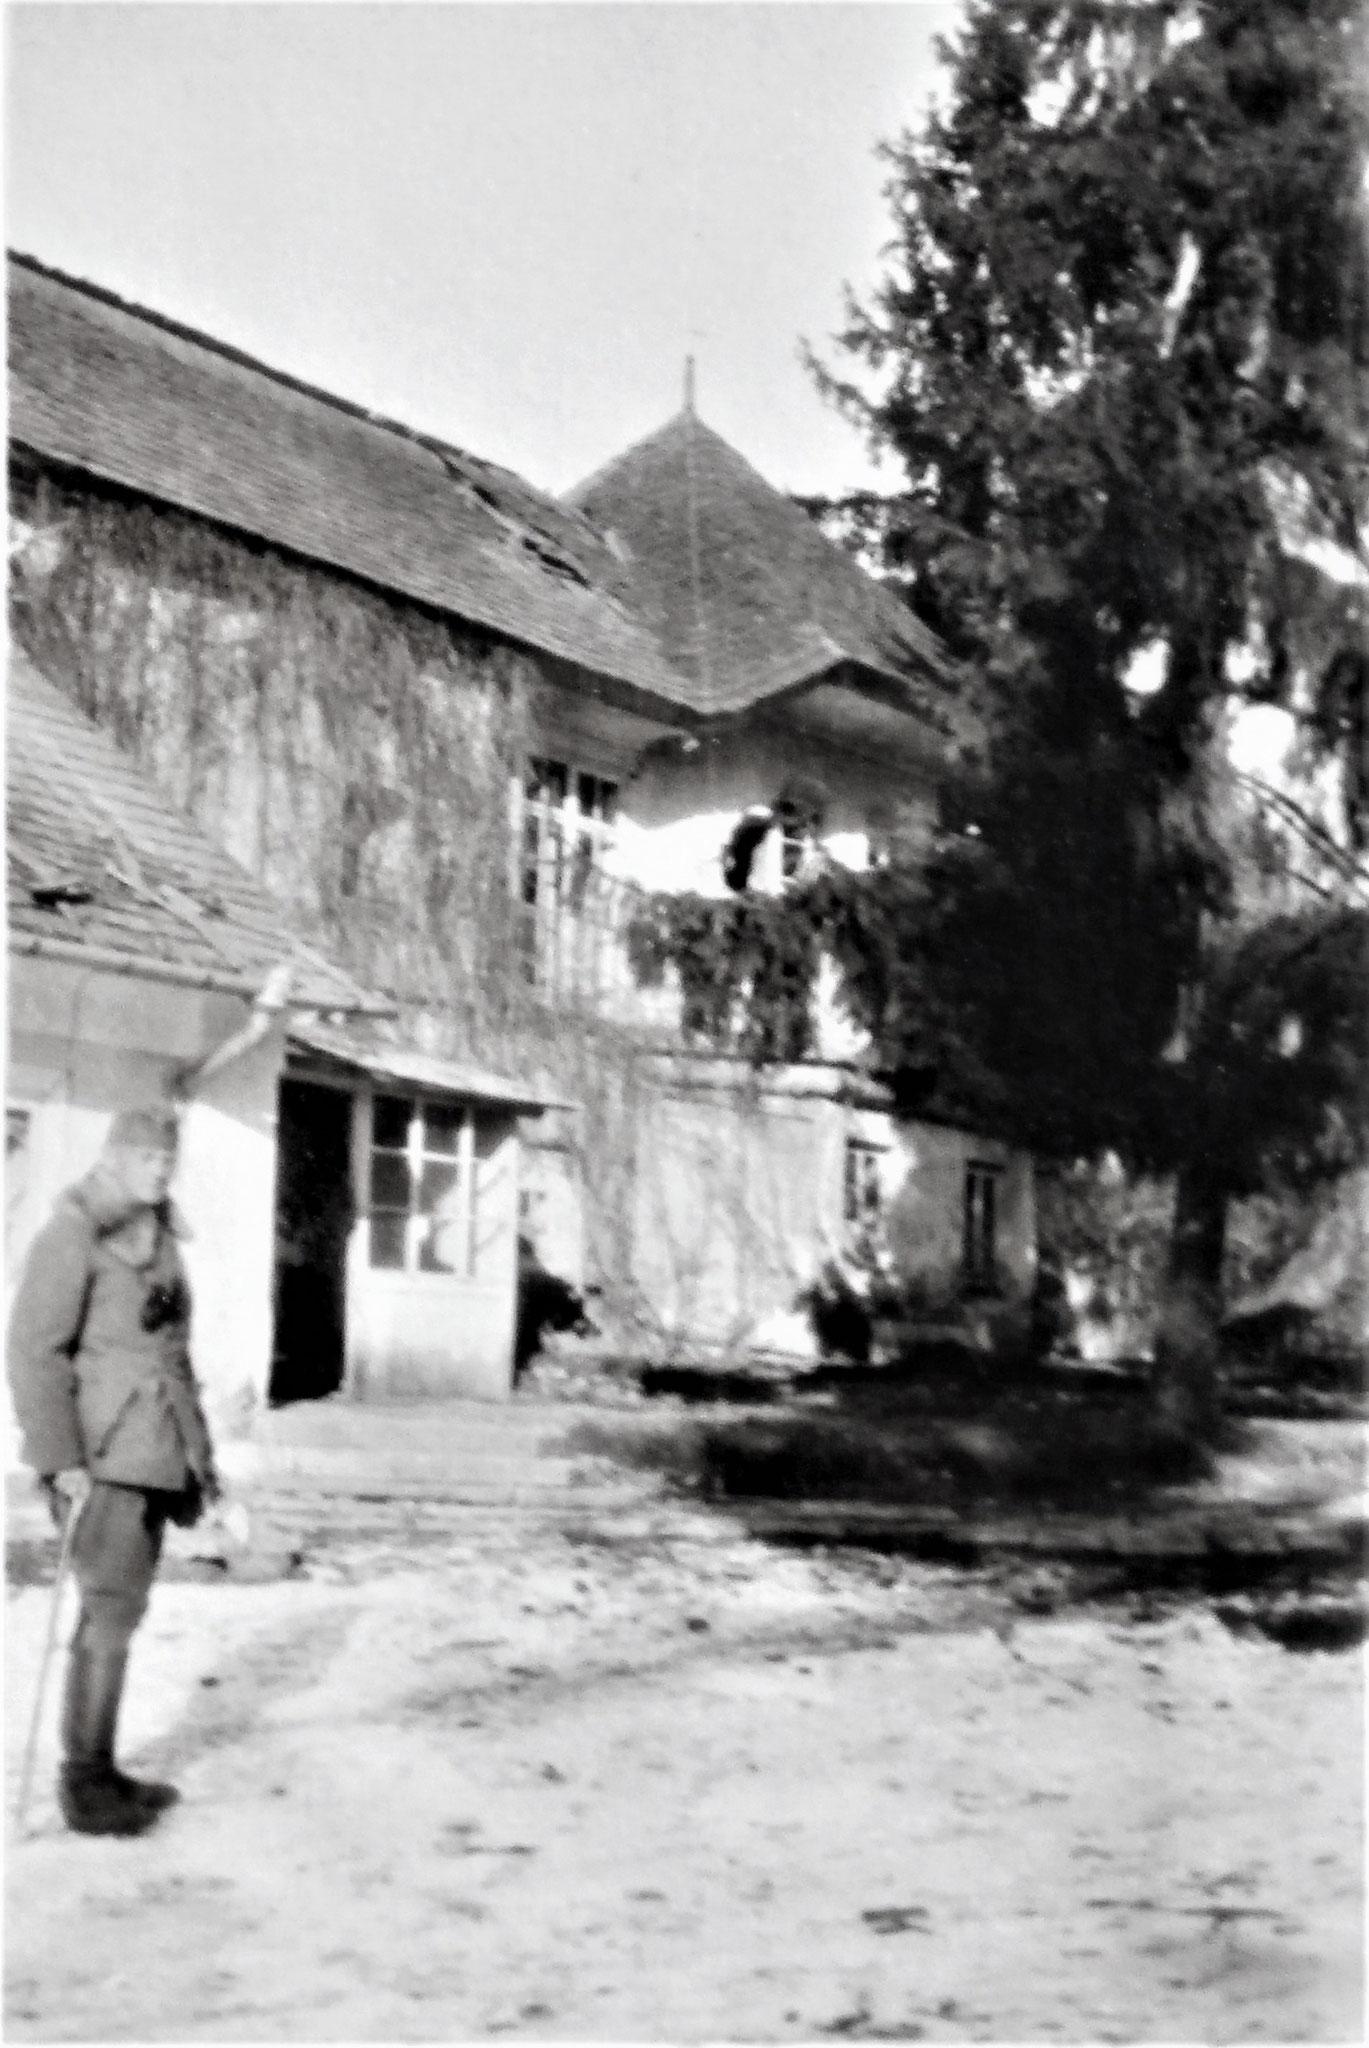 Herrenhaus in Latacz, Eigentum der 80jährigen Frau von Krasnopolska.